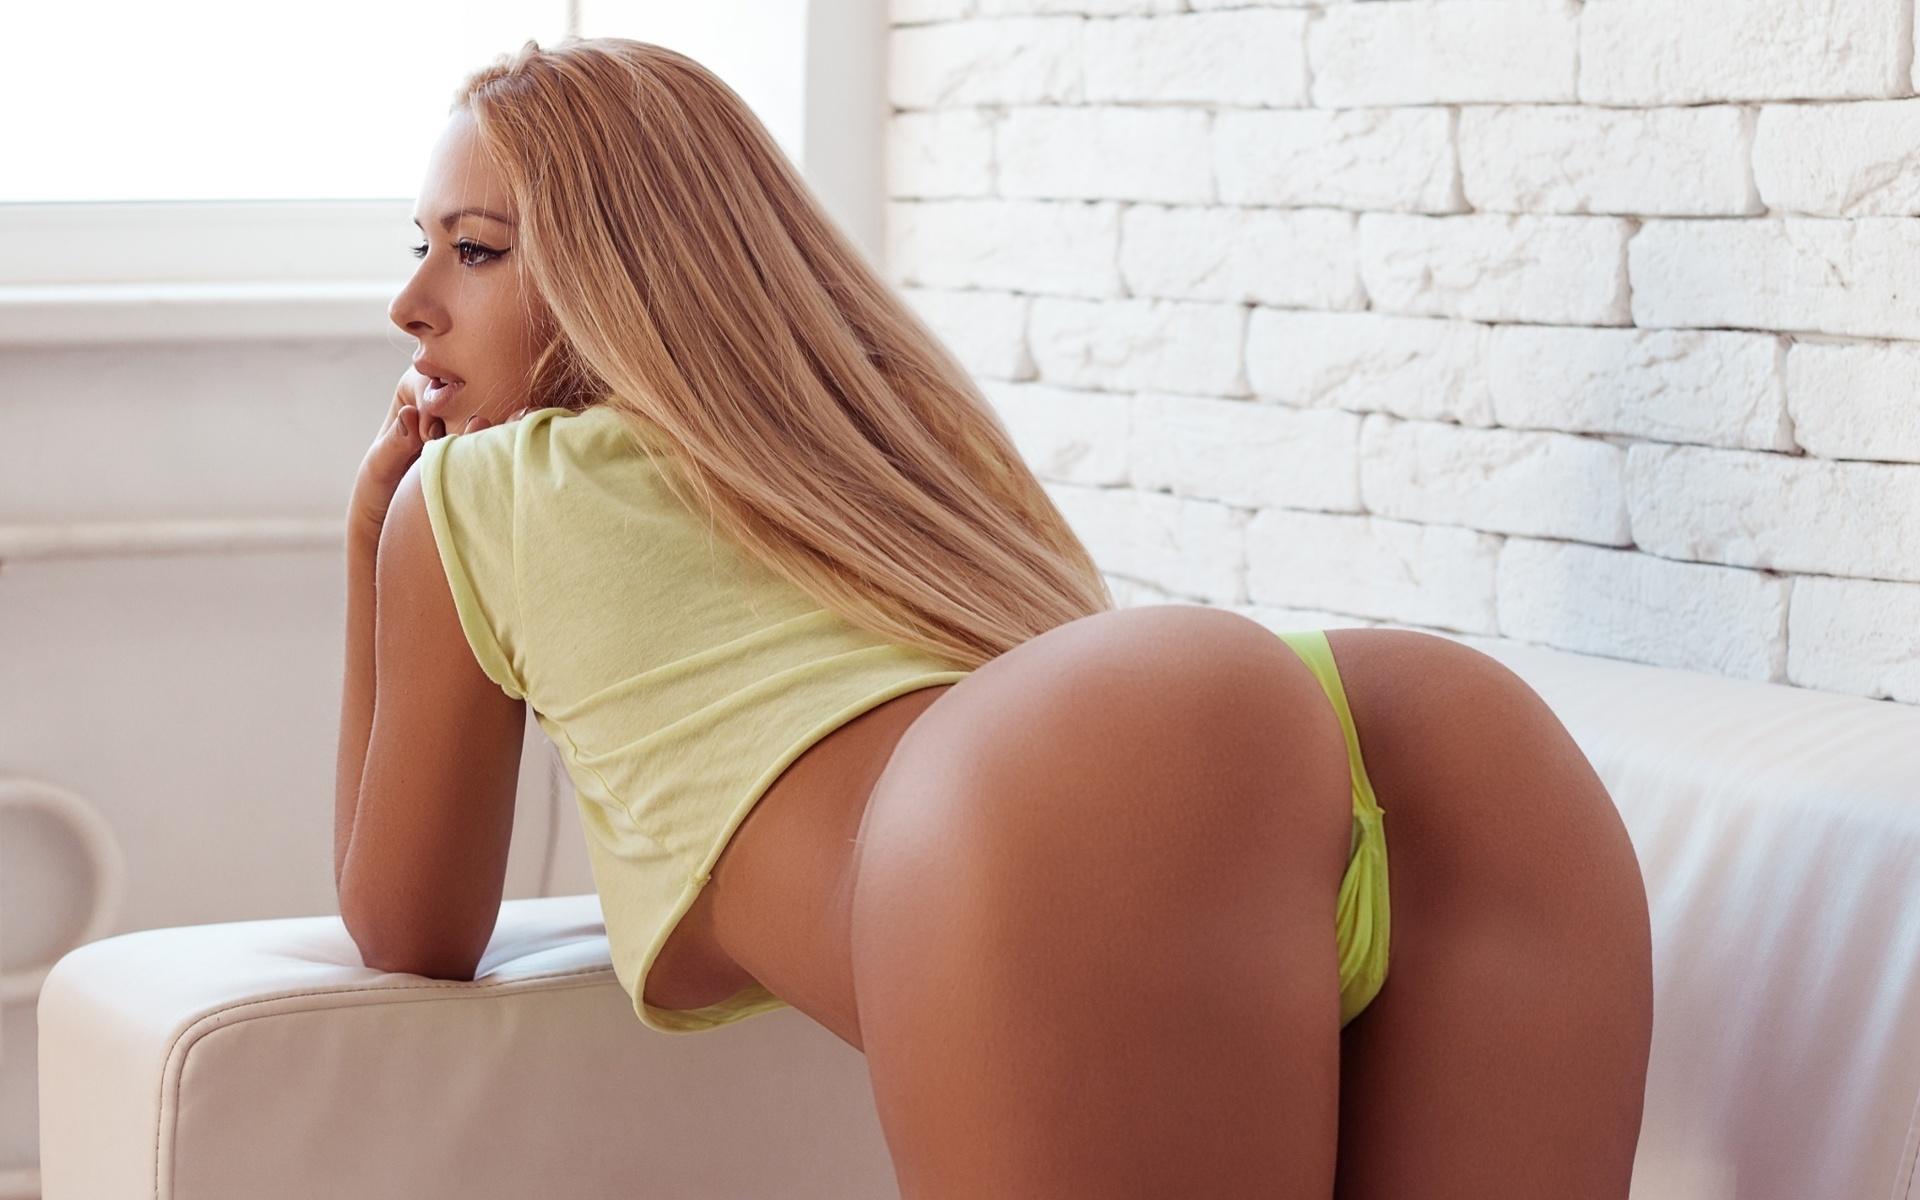 Смотреть попки в отличном качестве, Большие попки порно смотреть онлайн в HD 26 фотография